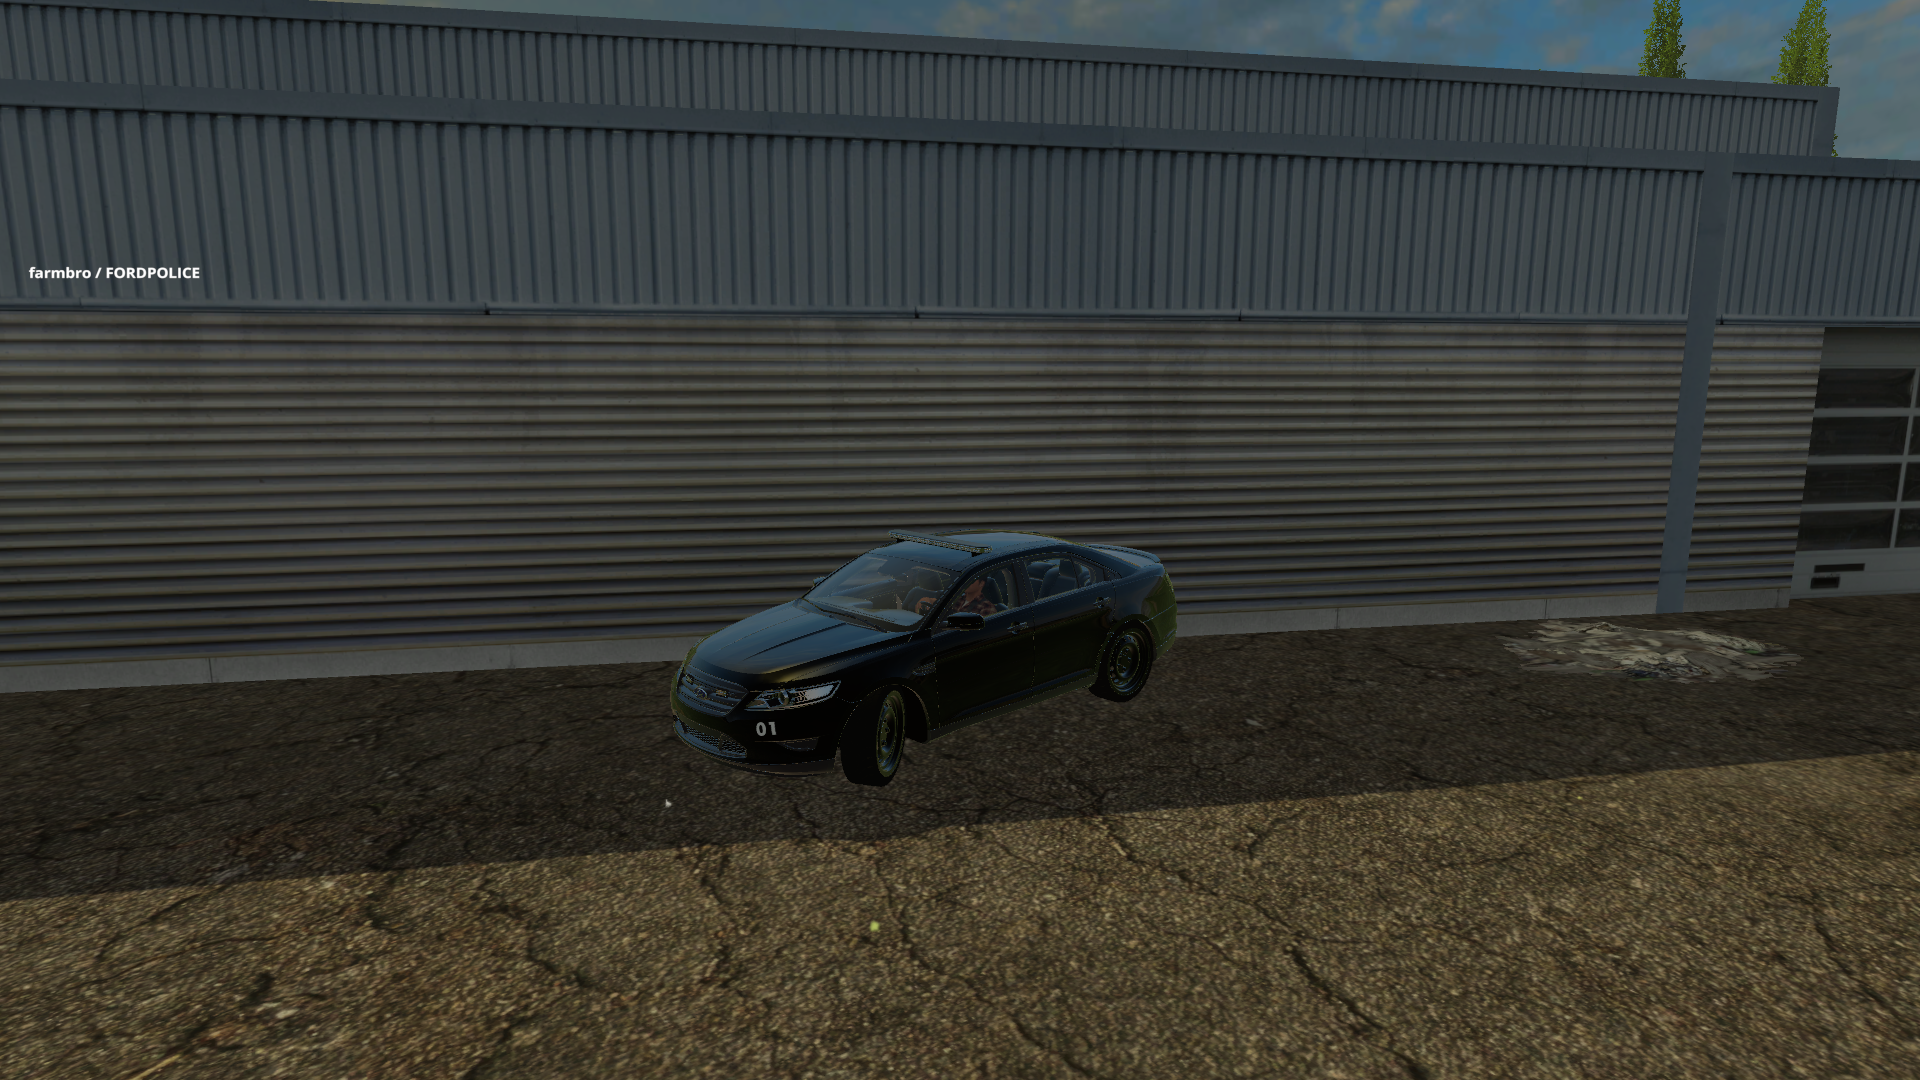 Ford Police Car FS 2015 - Farming simulator 2017 / 2015   15 / 17 LS ...